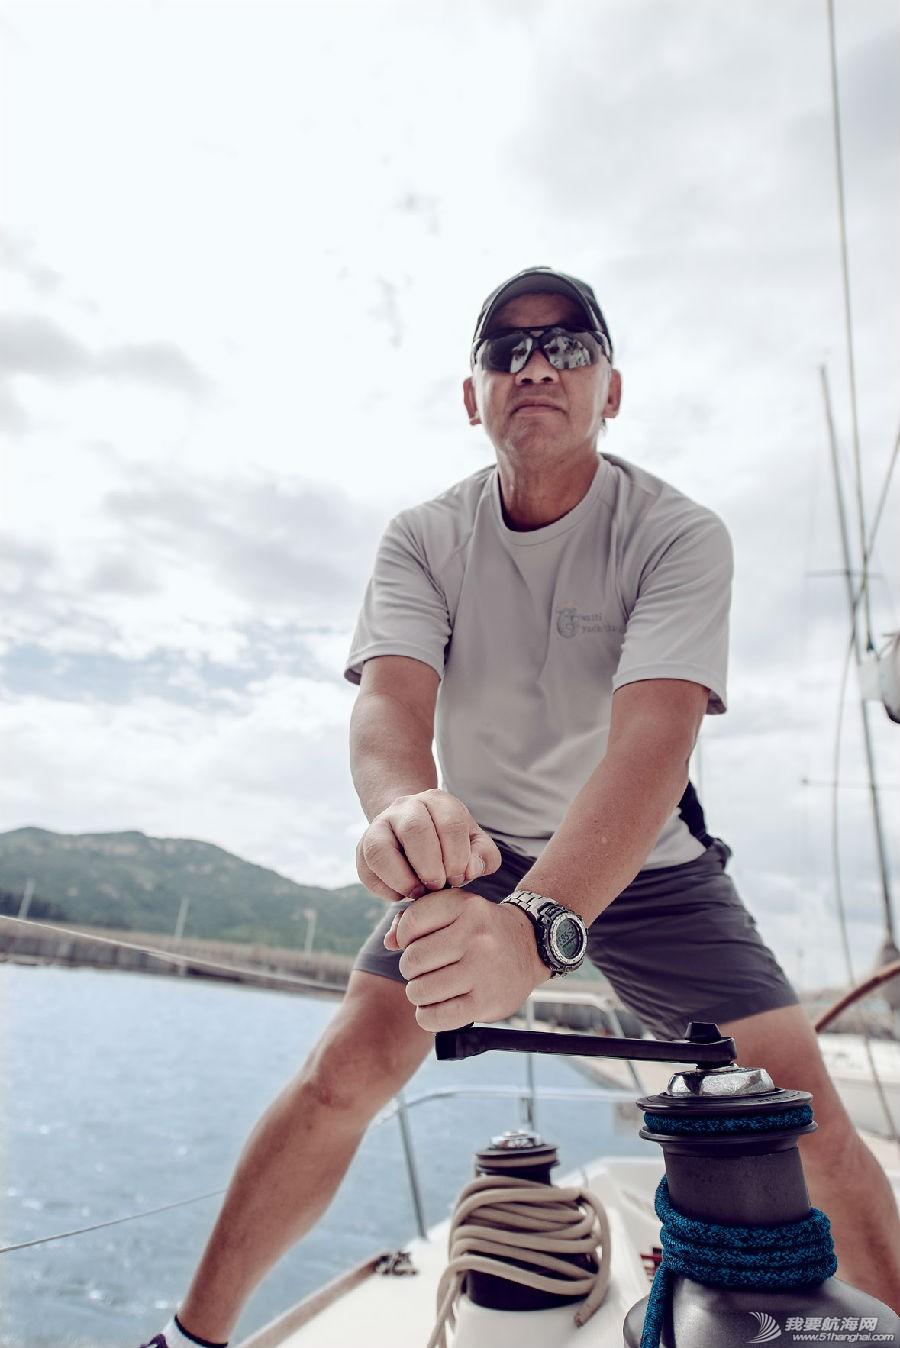 中国人,生活方式,生活空间,大自然,小孩子 中国杯帆船赛顾问罗锦辉的极简主义的海上精神 image1.jpg